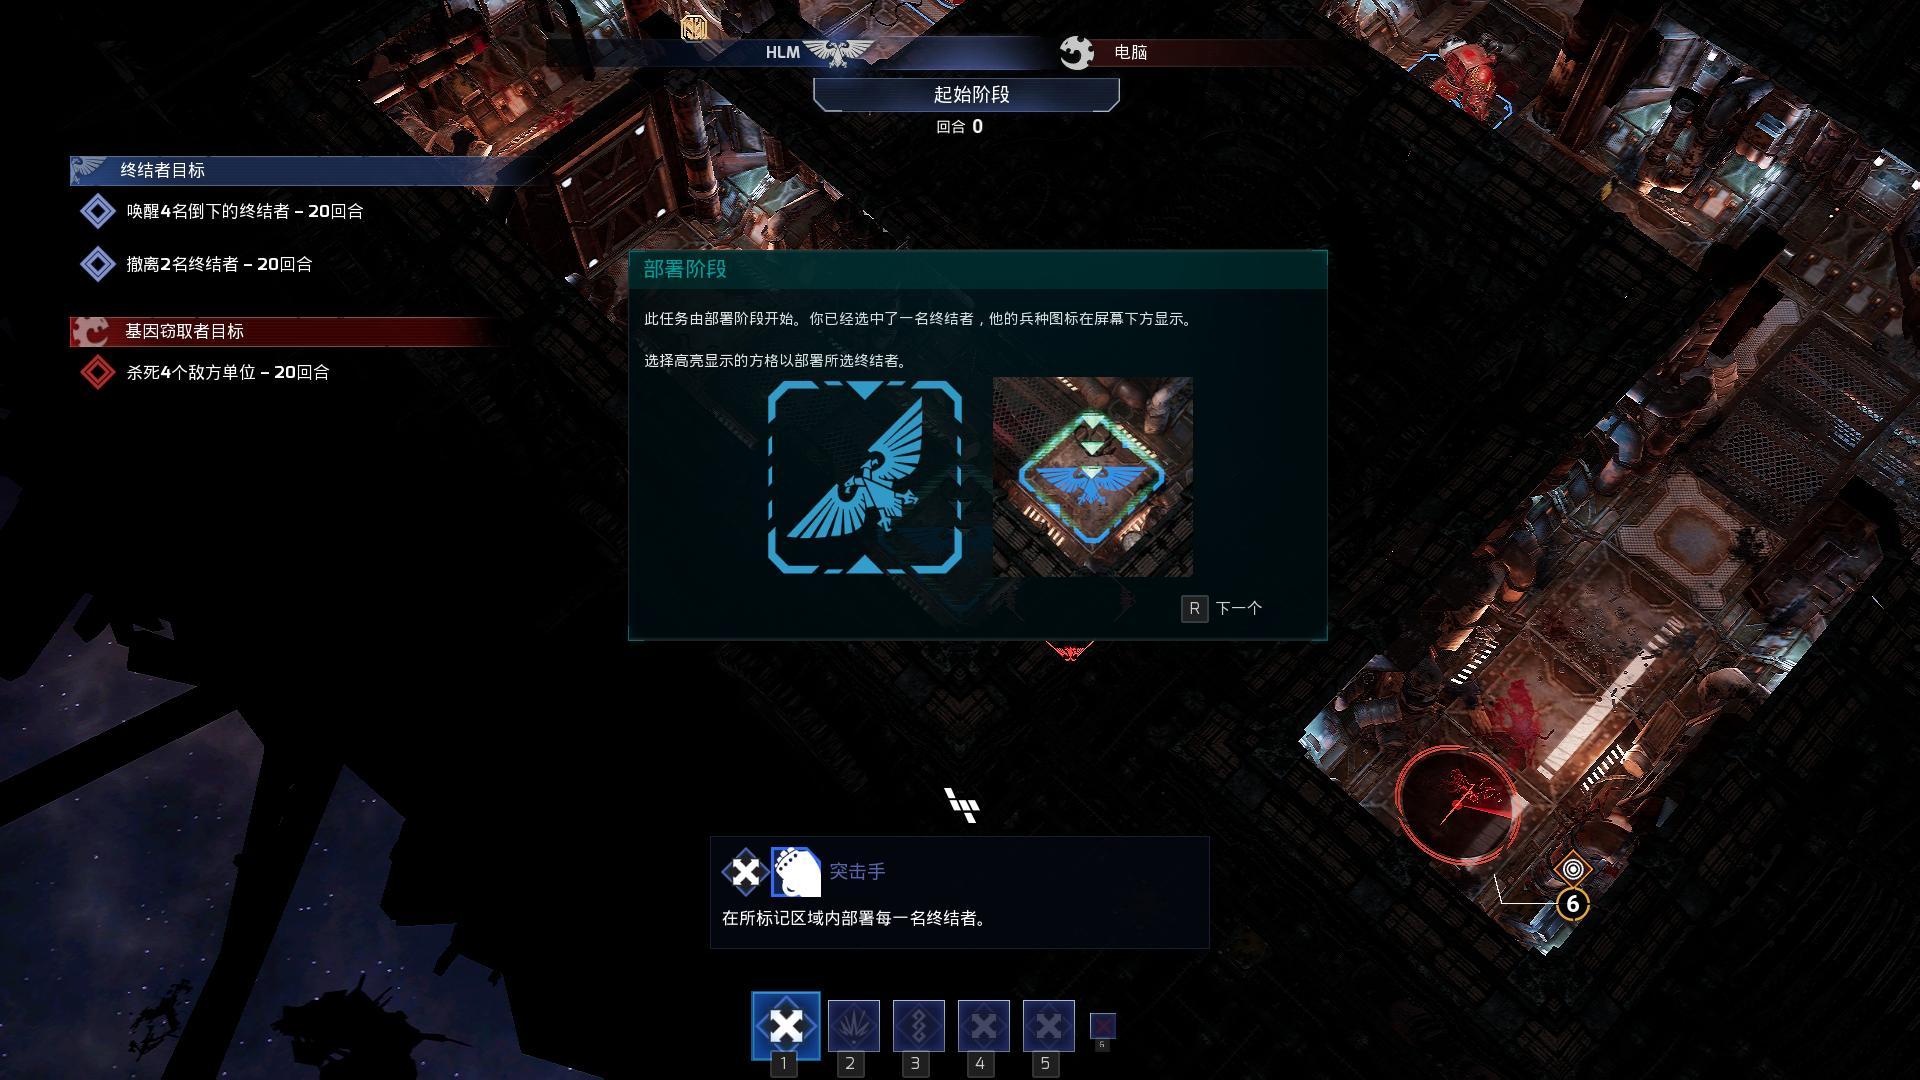 太空战舰:战术行动(Space Hulk: Tactics)免安装中文绿色版|DLC|升级档|网盘下载